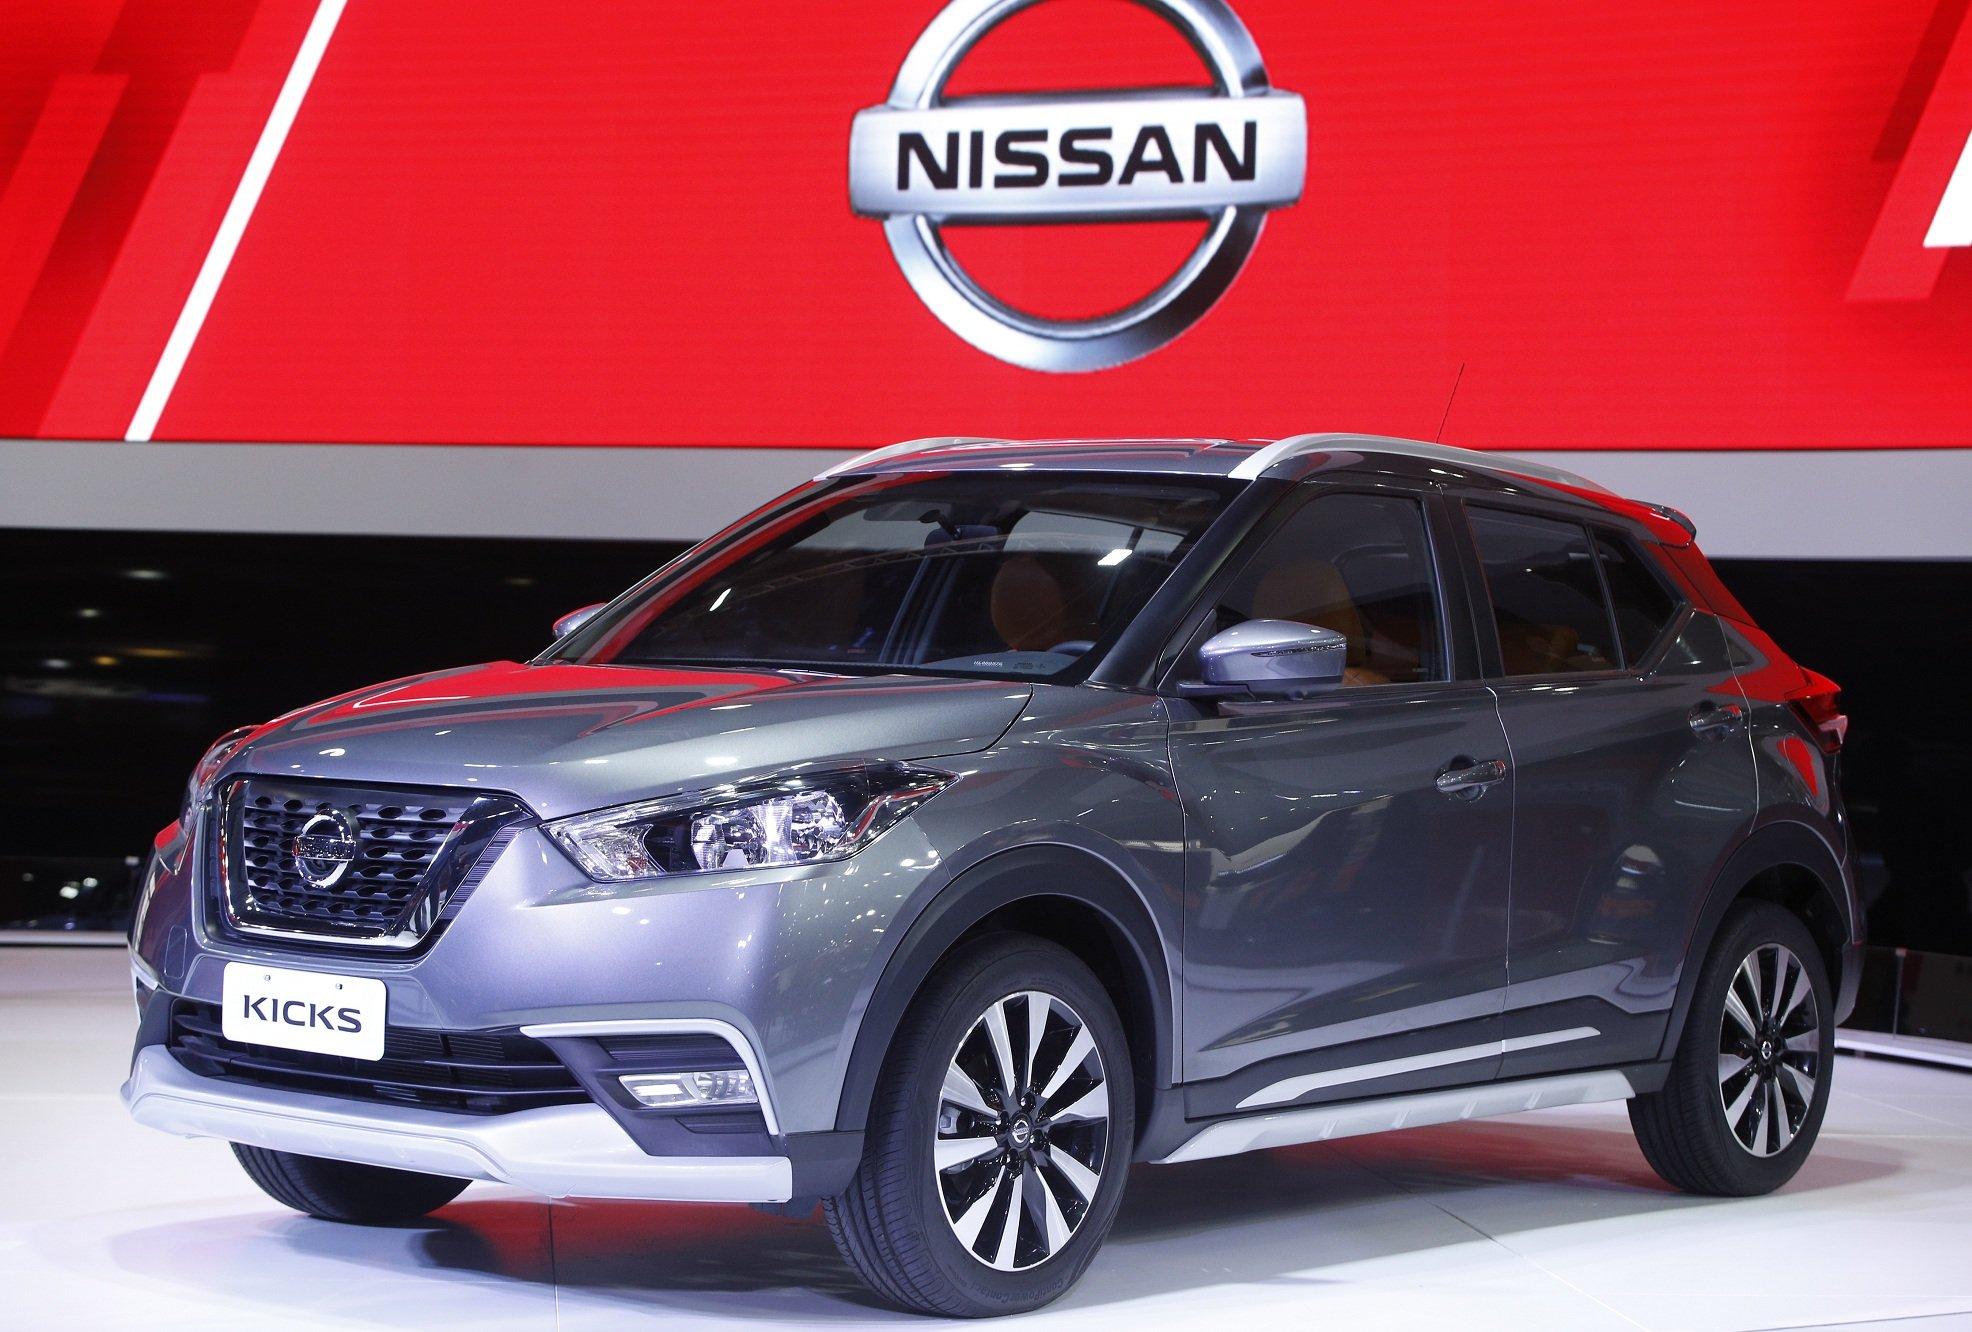 Nissan Kicks 2018 chega com itens de segurança inéditos e novas versões: confira